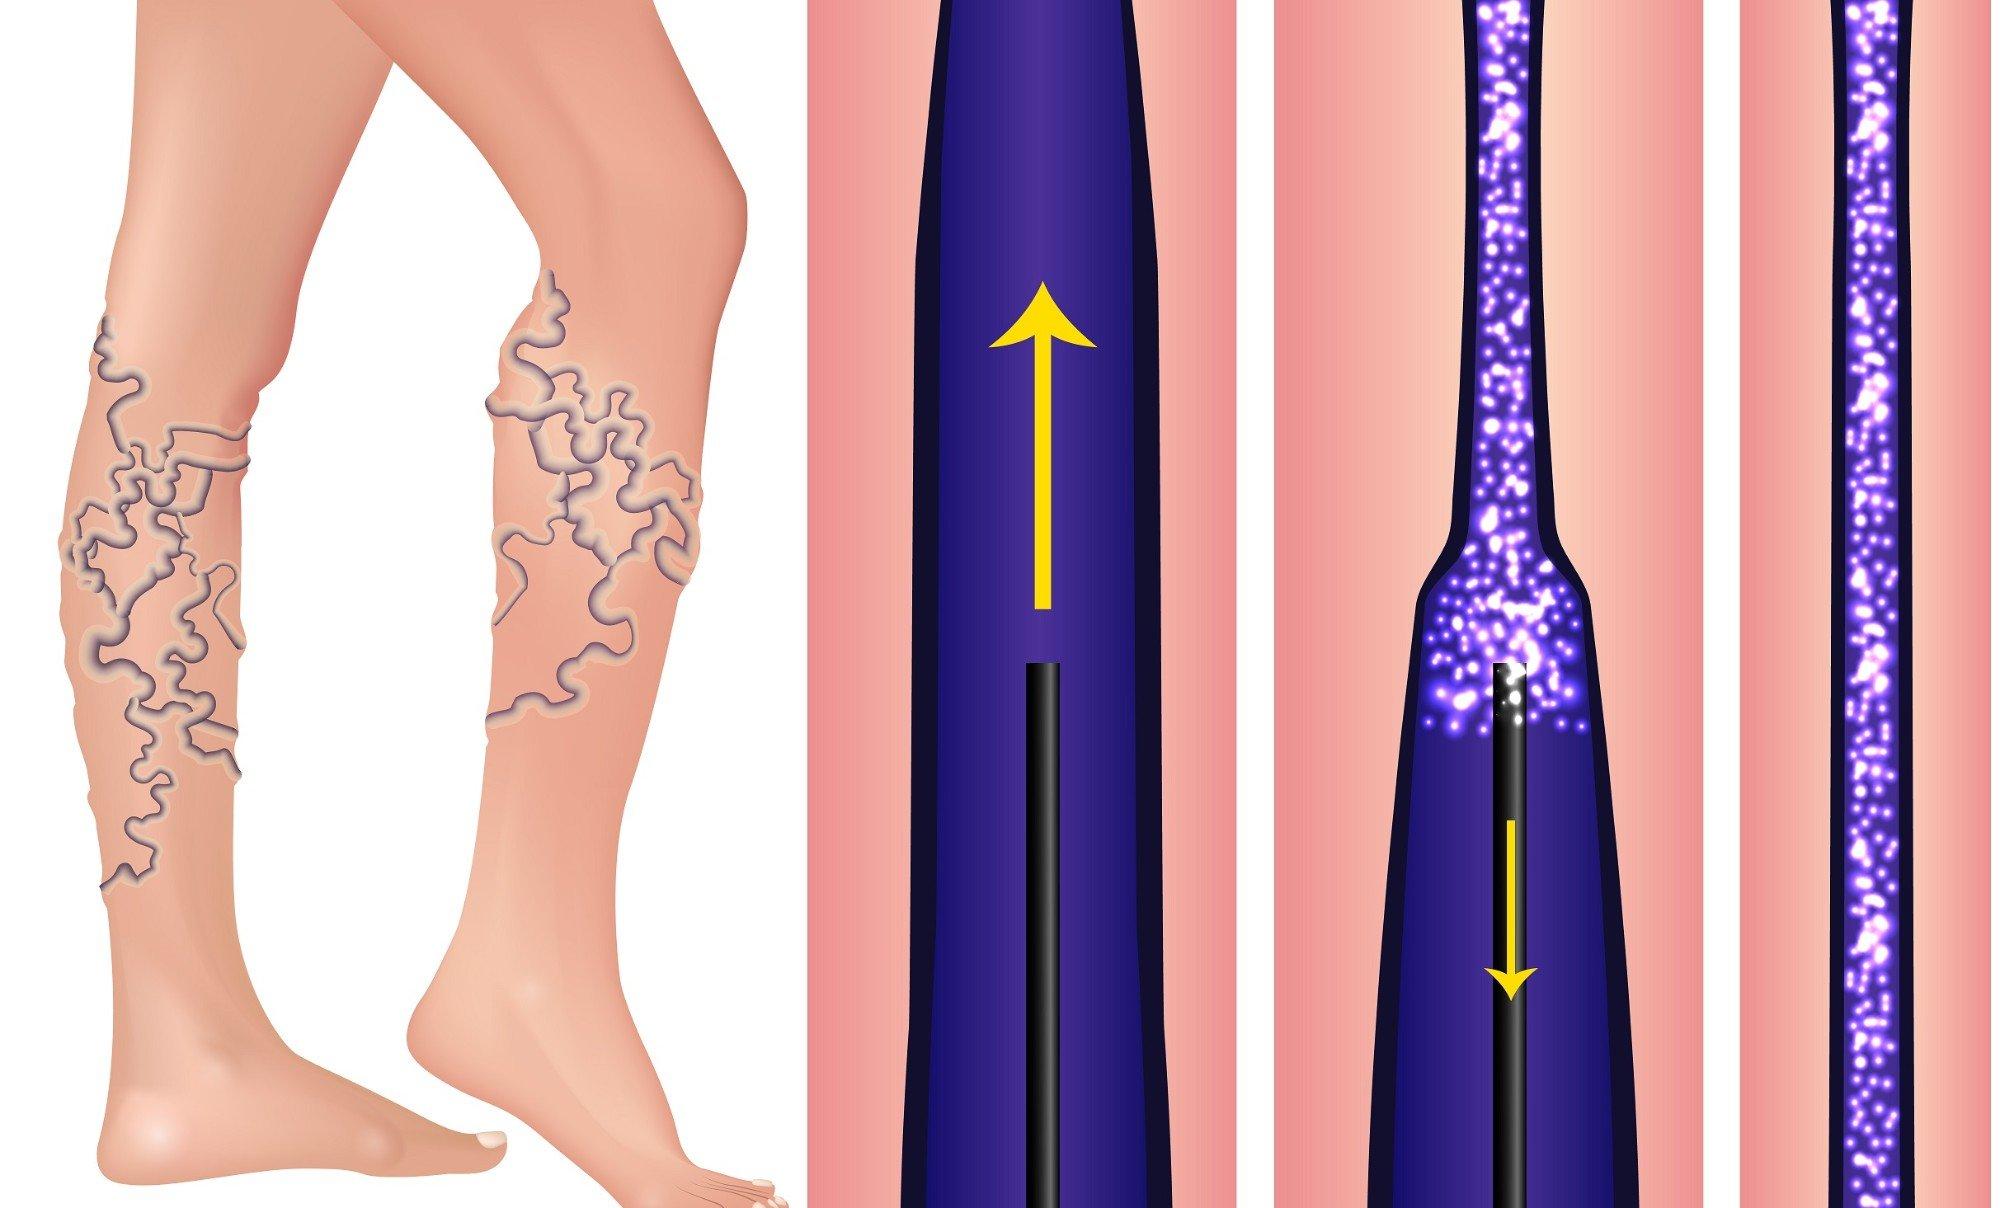 Варикозная болезнь расширение вен нижних конечностей